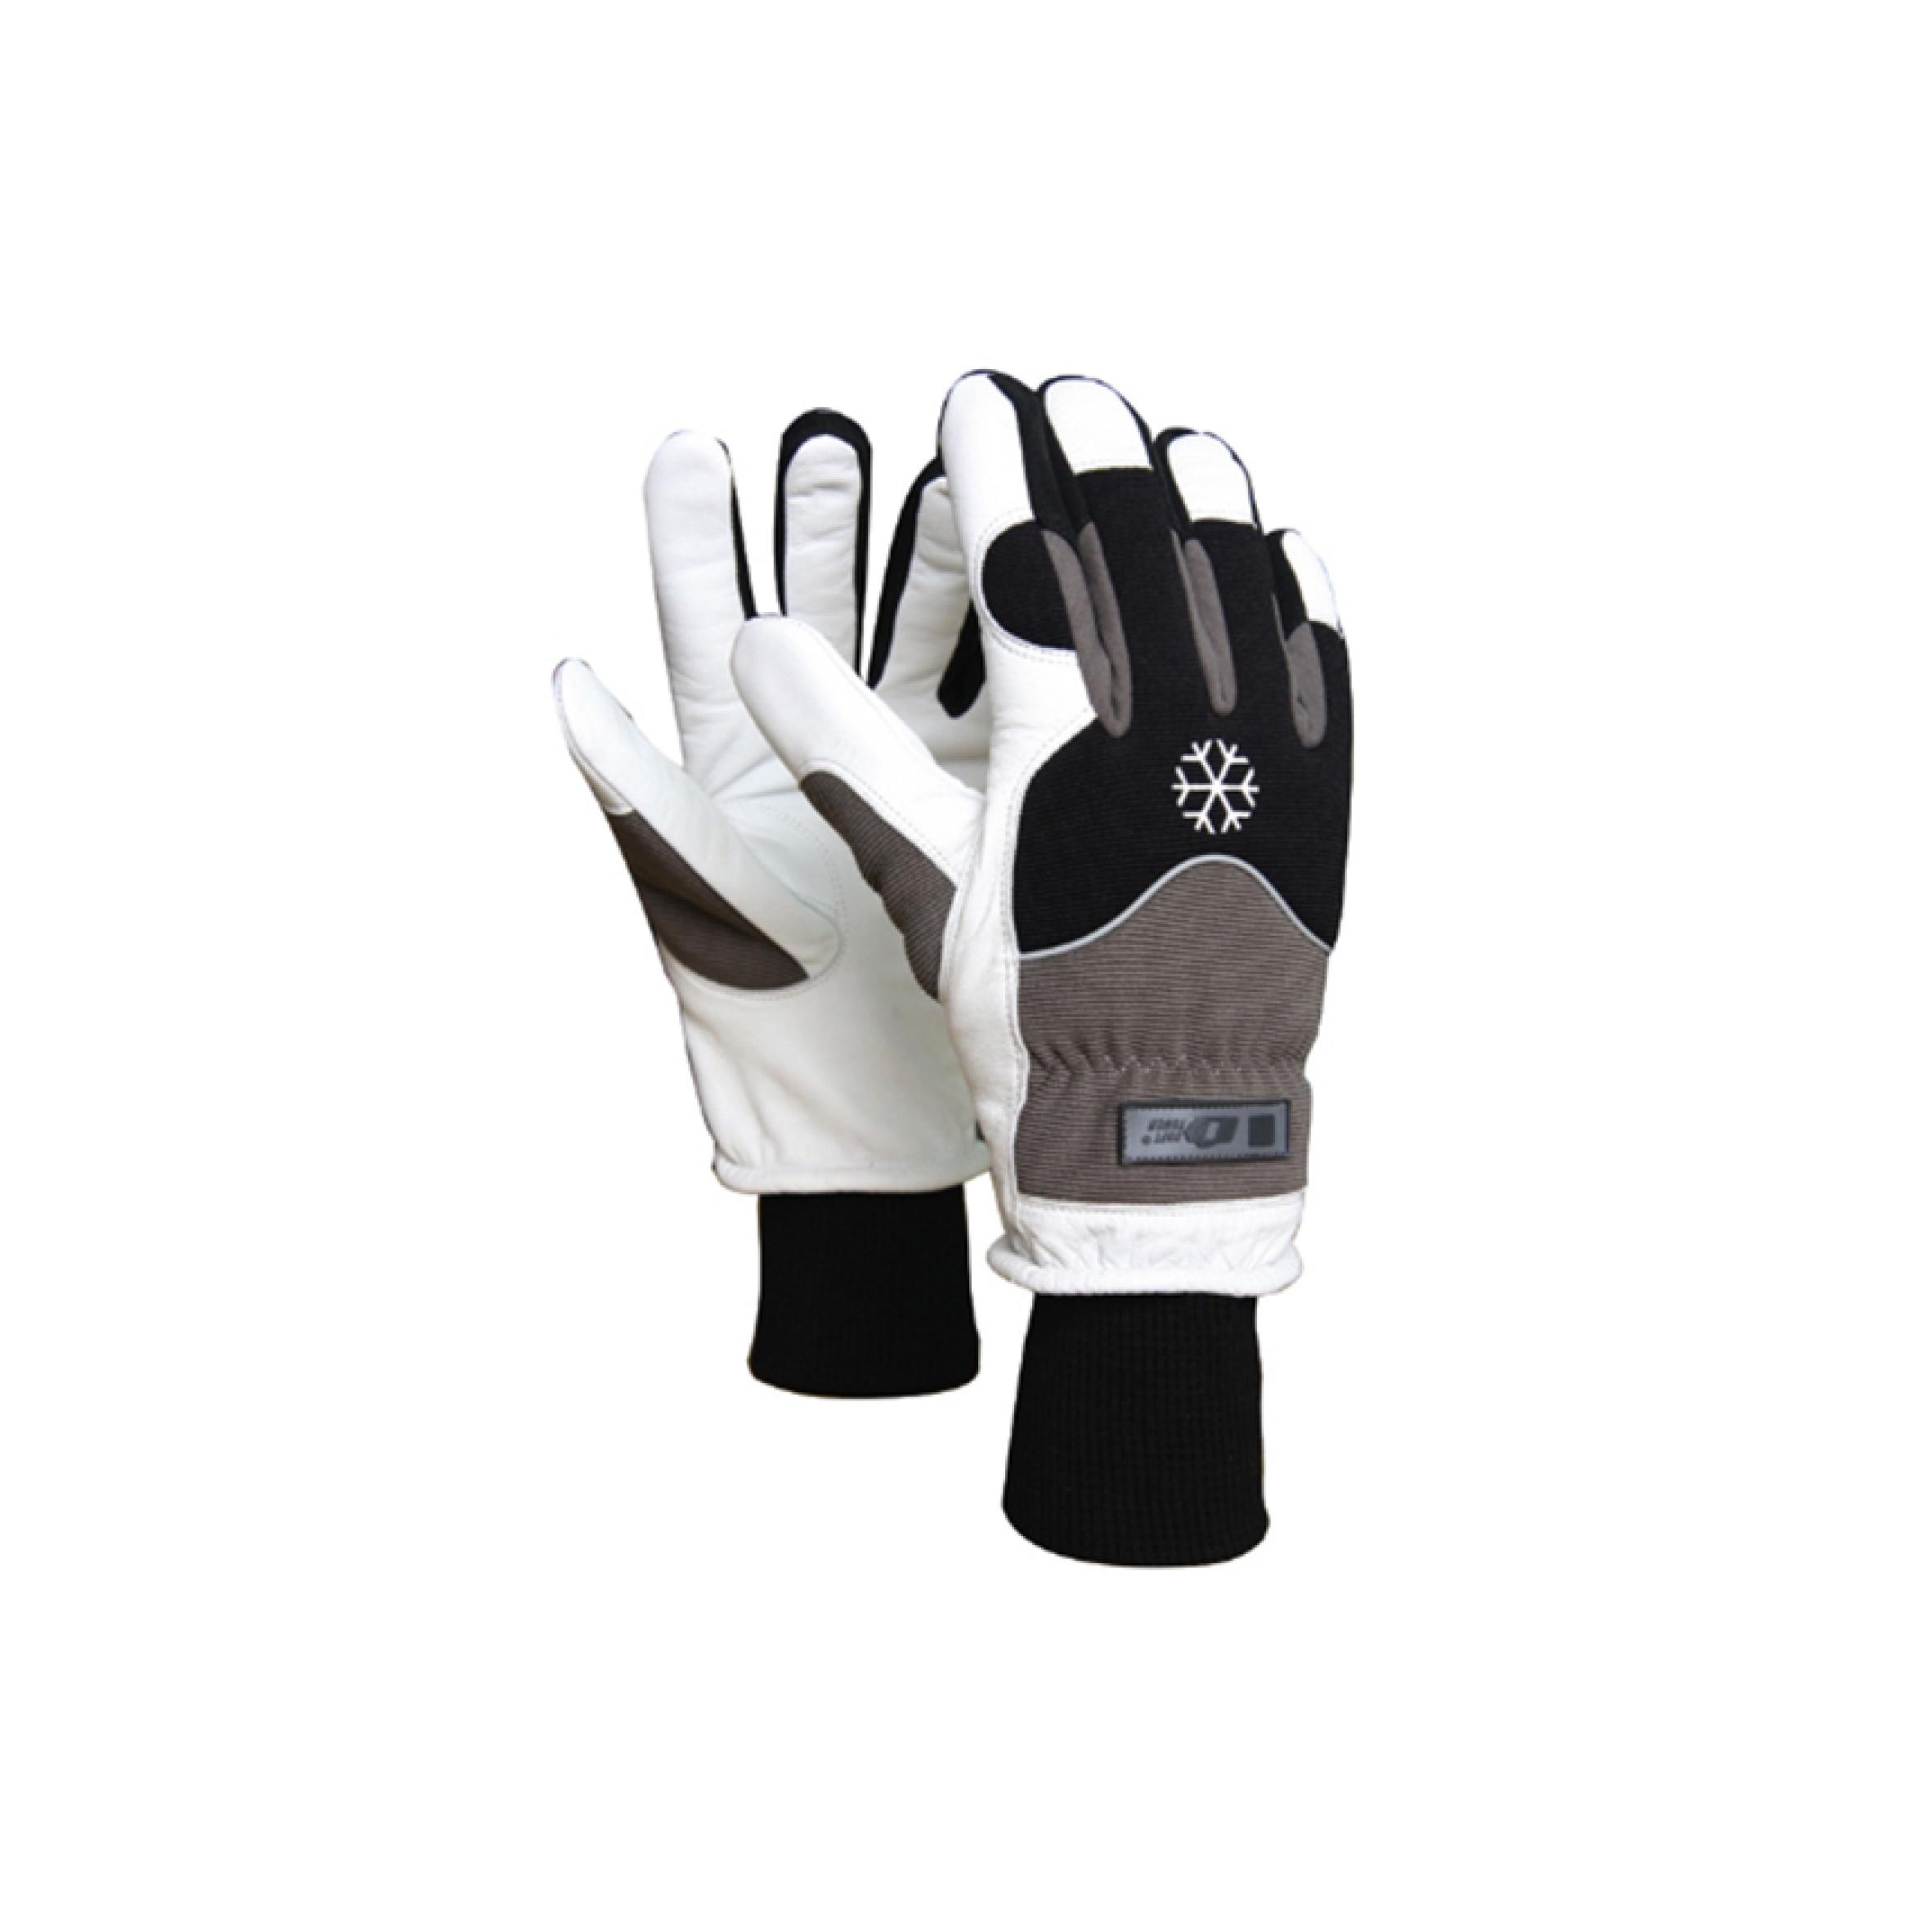 Fodrade handskar